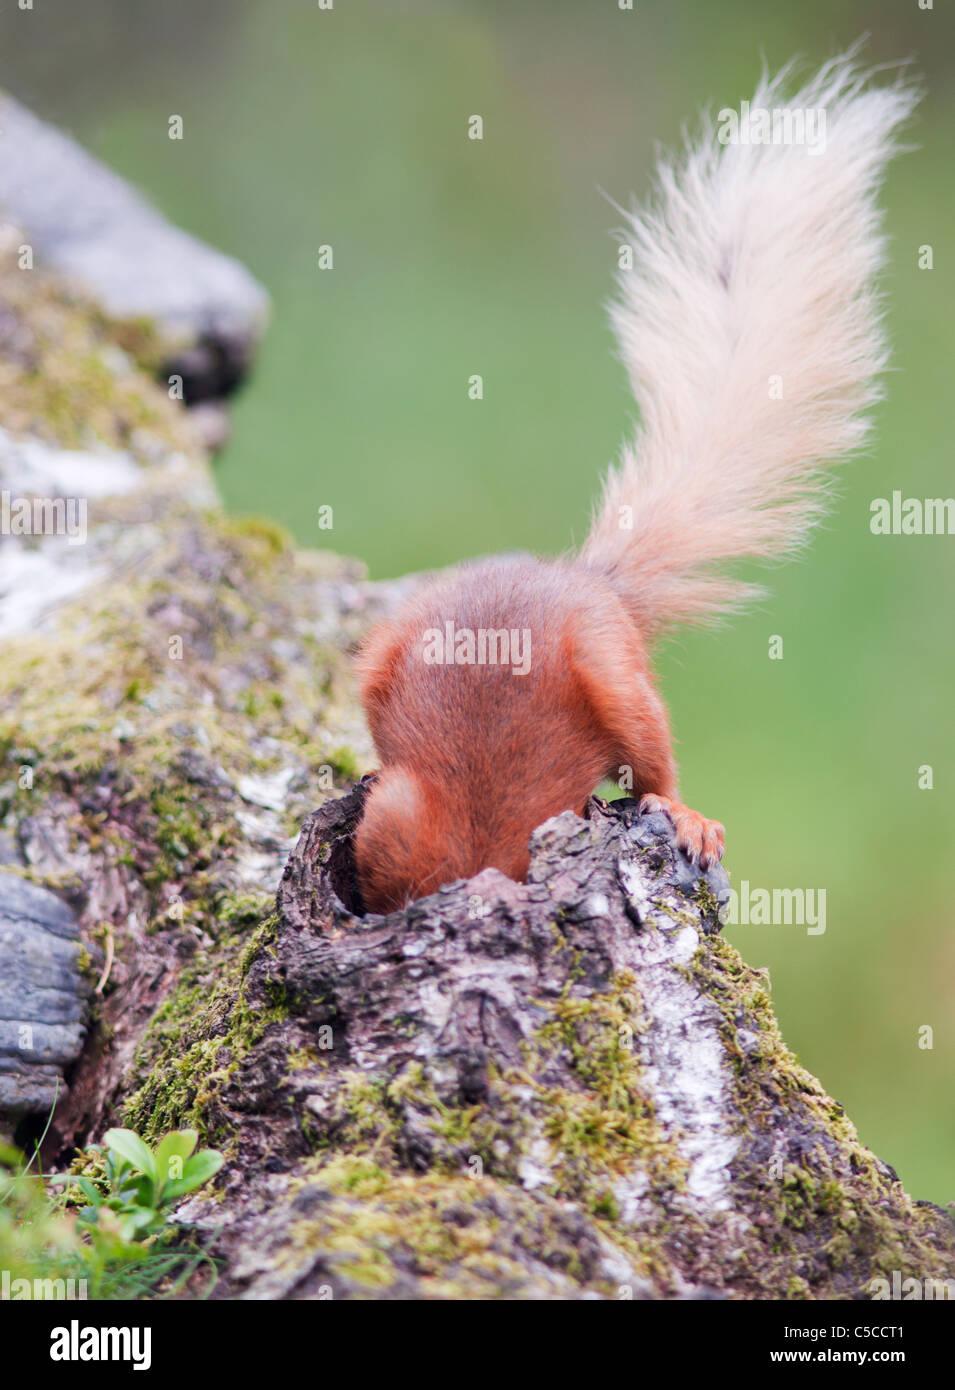 Freche Eichhörnchen Sciurus Vulgaris mit Kopf nach unten Loch in umgestürzten Baumstamm auf der Suche Stockbild